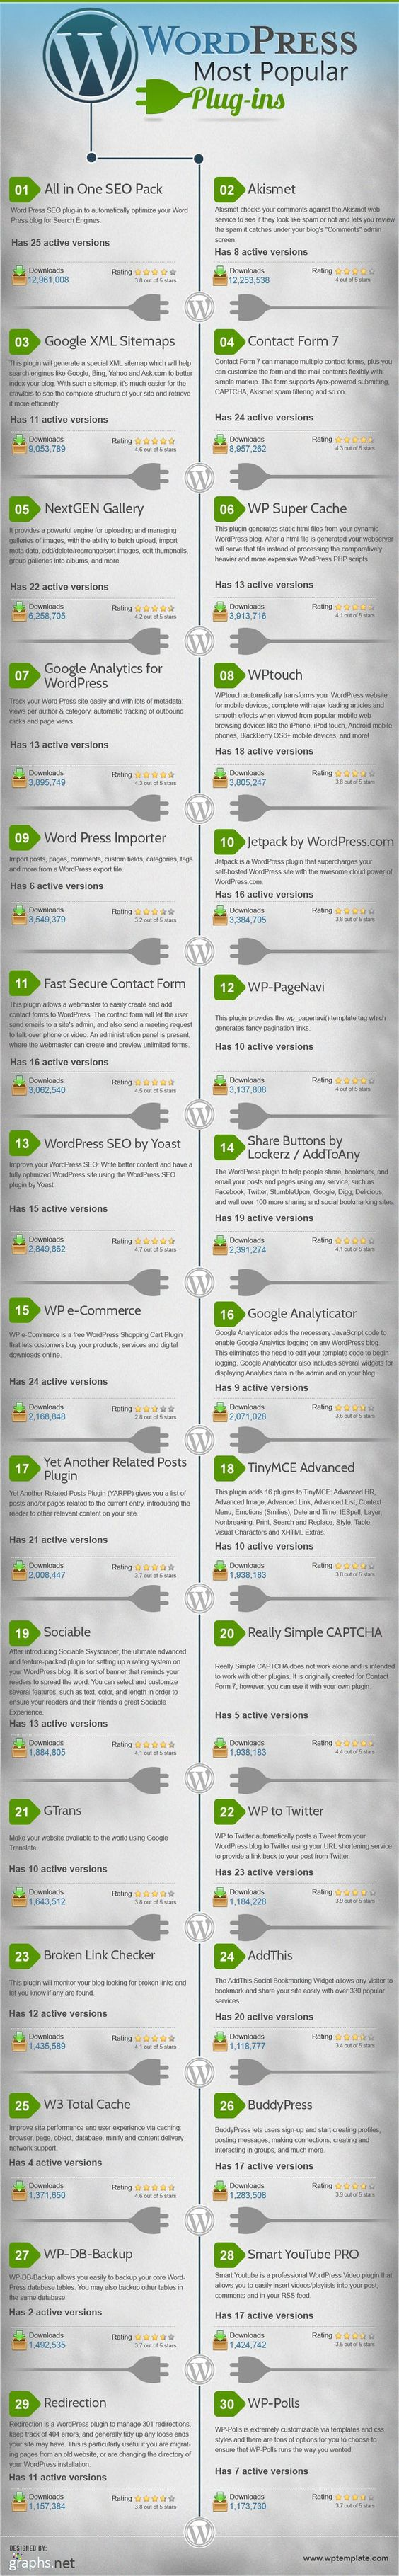 Les 30 plugins les plus populaires pour les utilisateurs de #WordPress